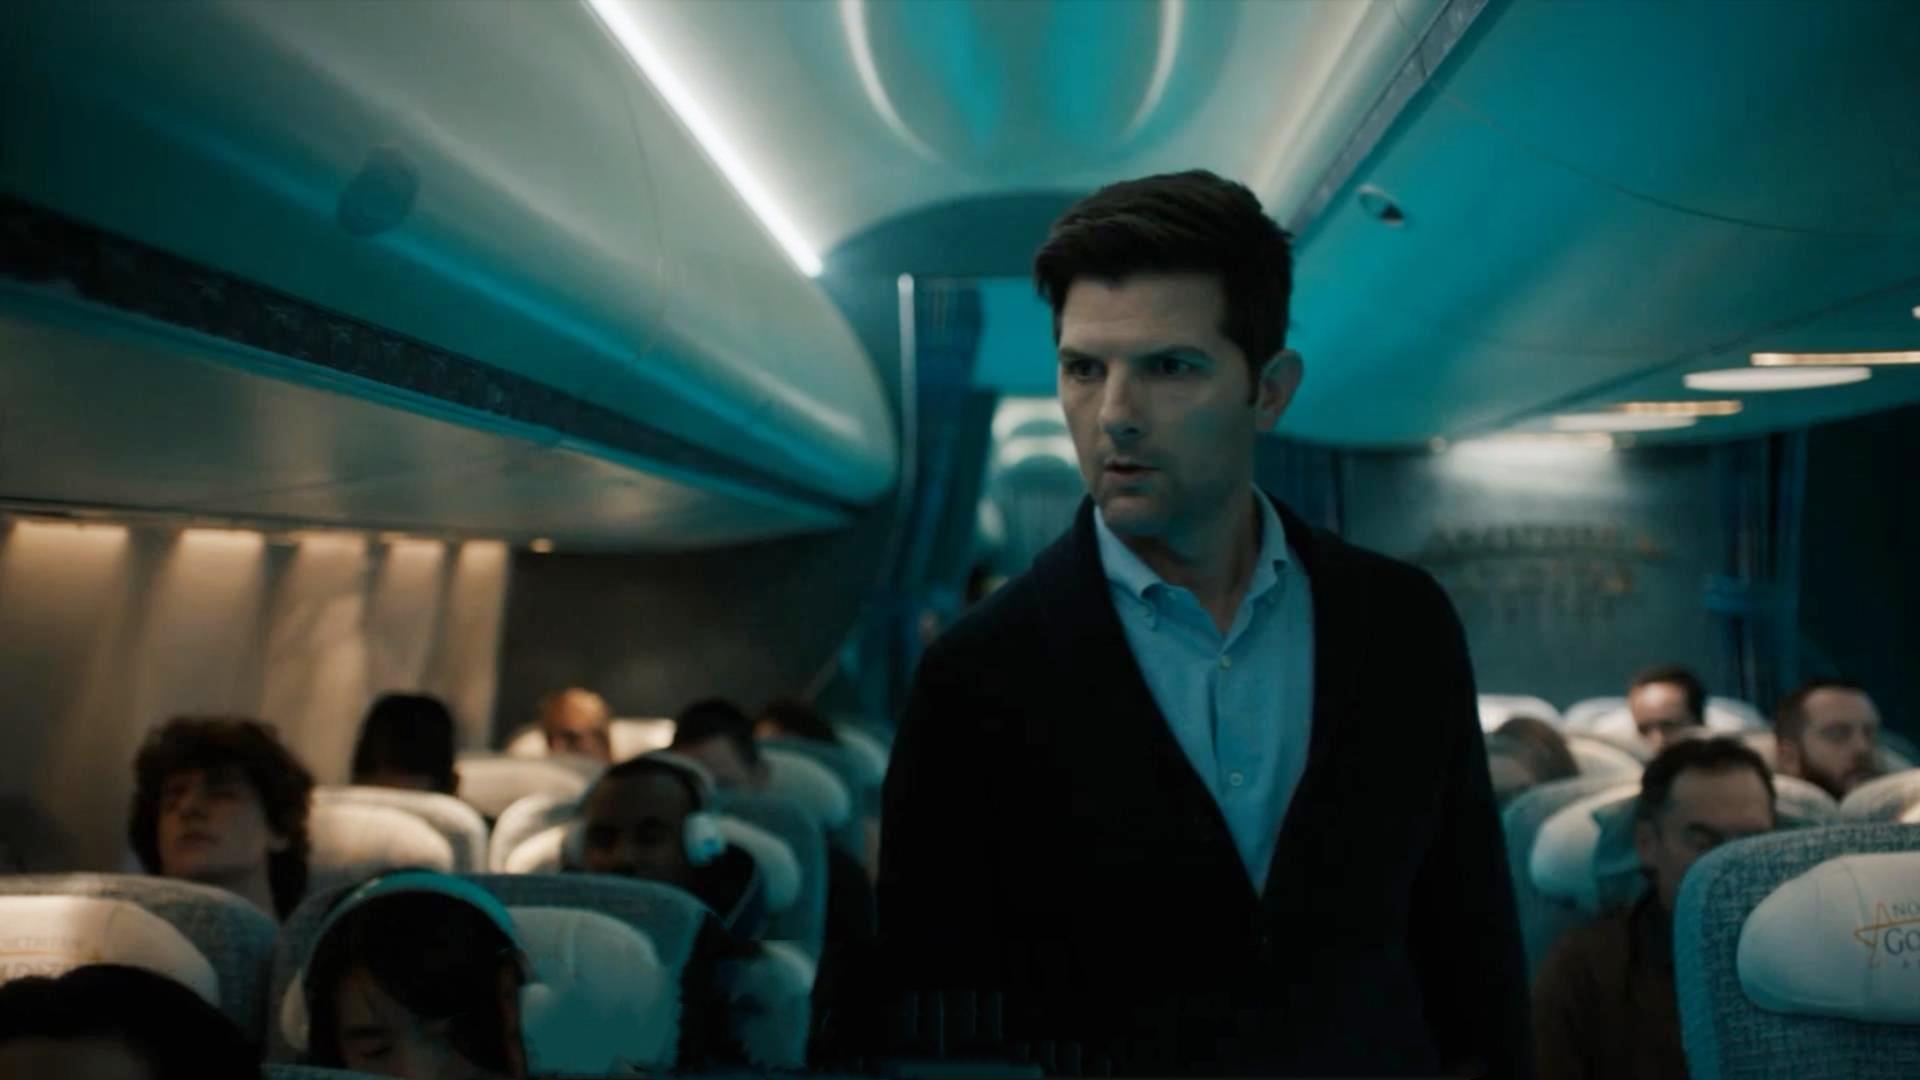 小伙在10月15日10点15分,登上1015号航班,惊人巧合预示着一件可怕的事情